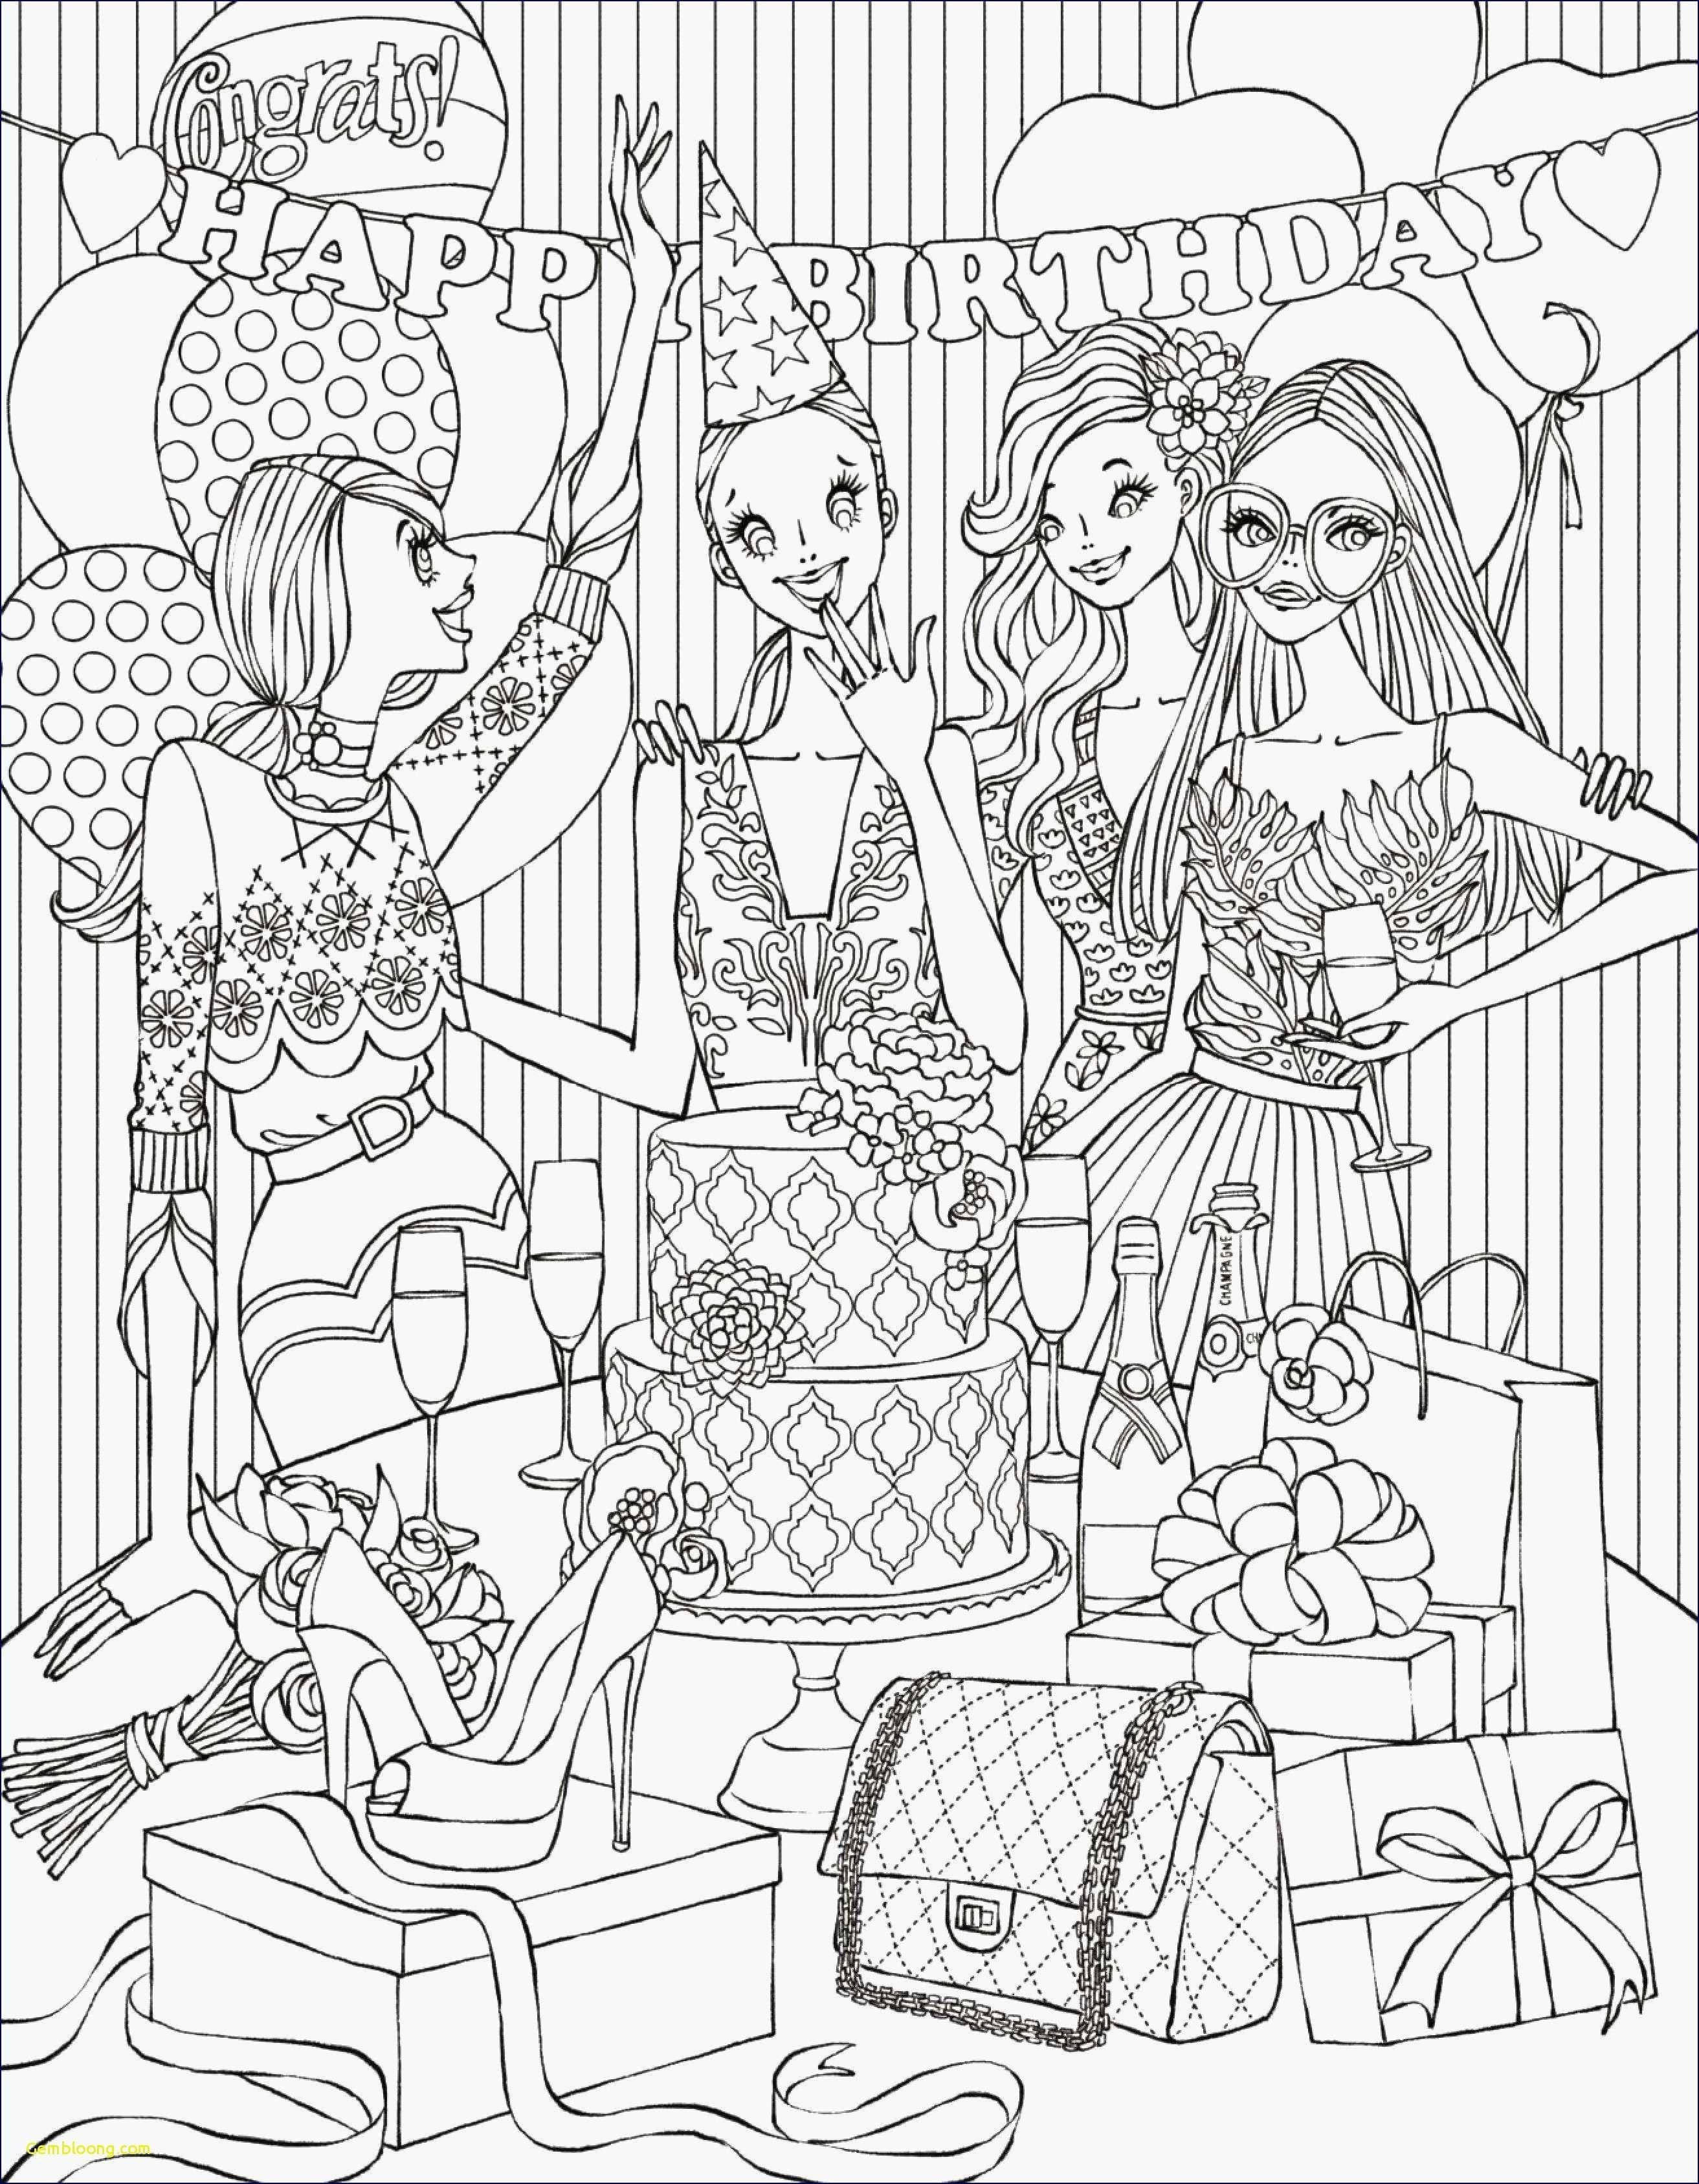 Prinzessin sofia Ausmalbilder Frisch Chaosflo44 Ausmalbilder Frisch Christmas Coloring Pages Lights Galerie